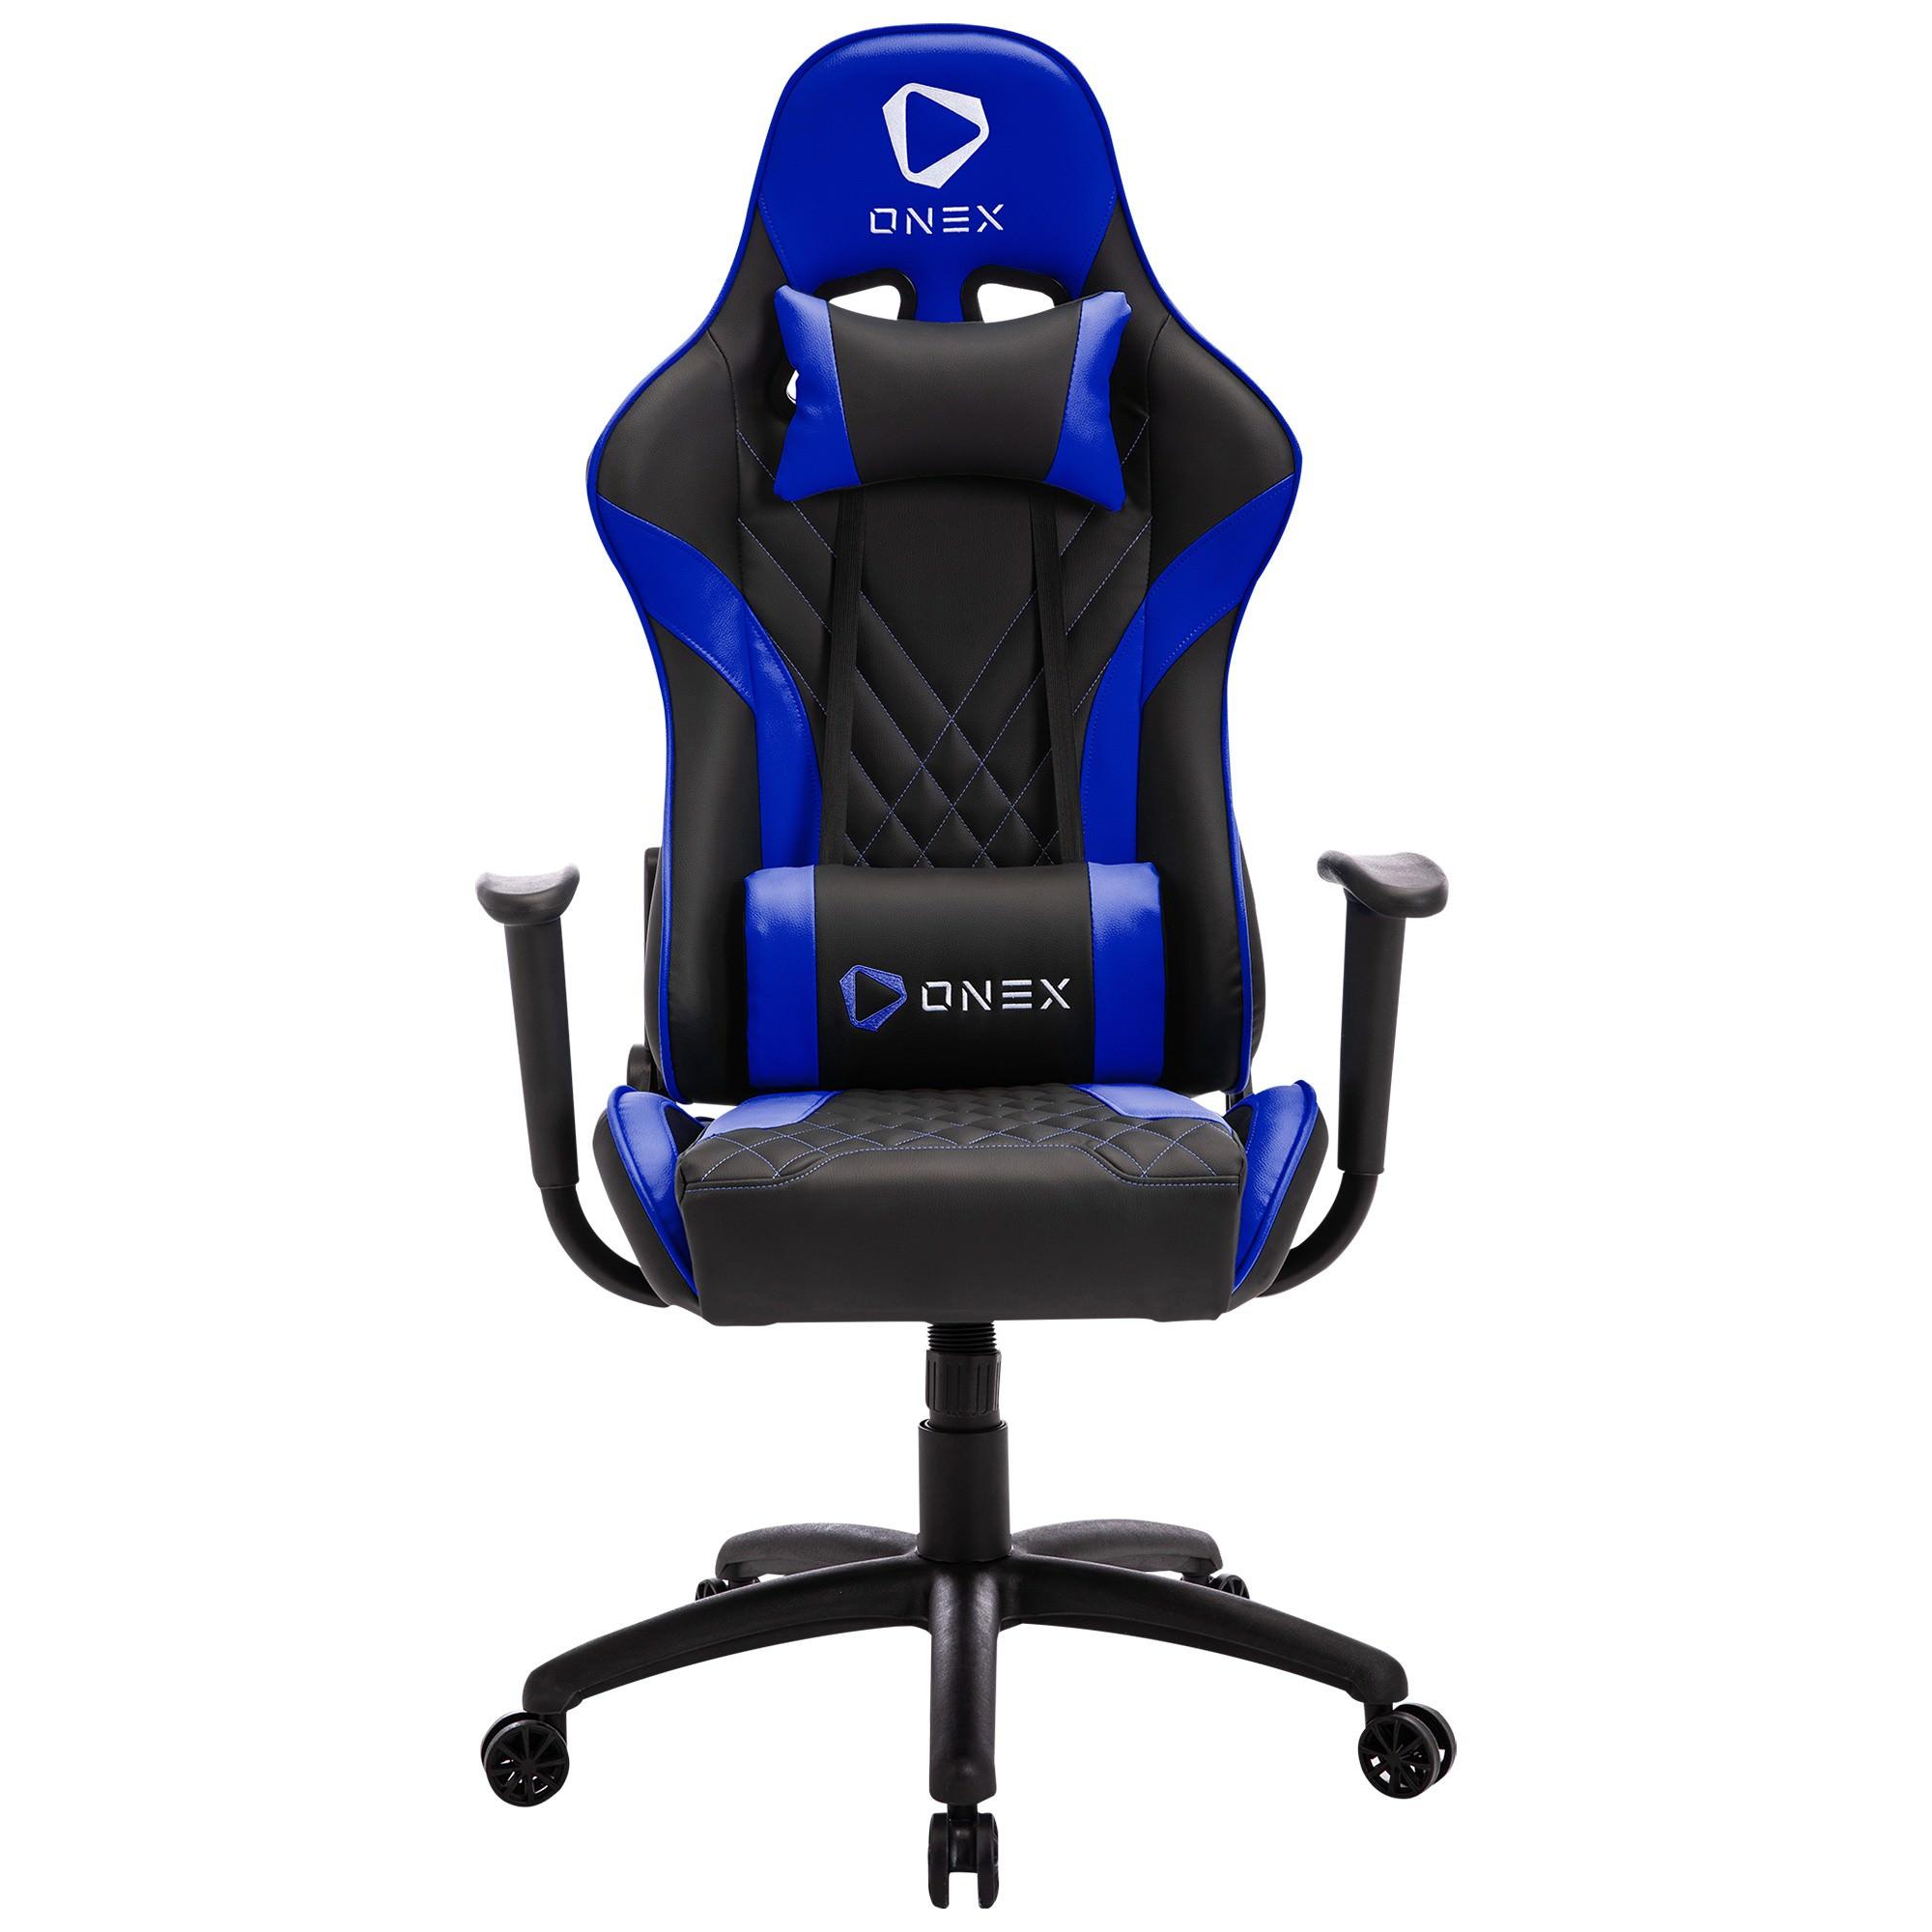 ONEX GX2 Gaming Chair, Black / Navy